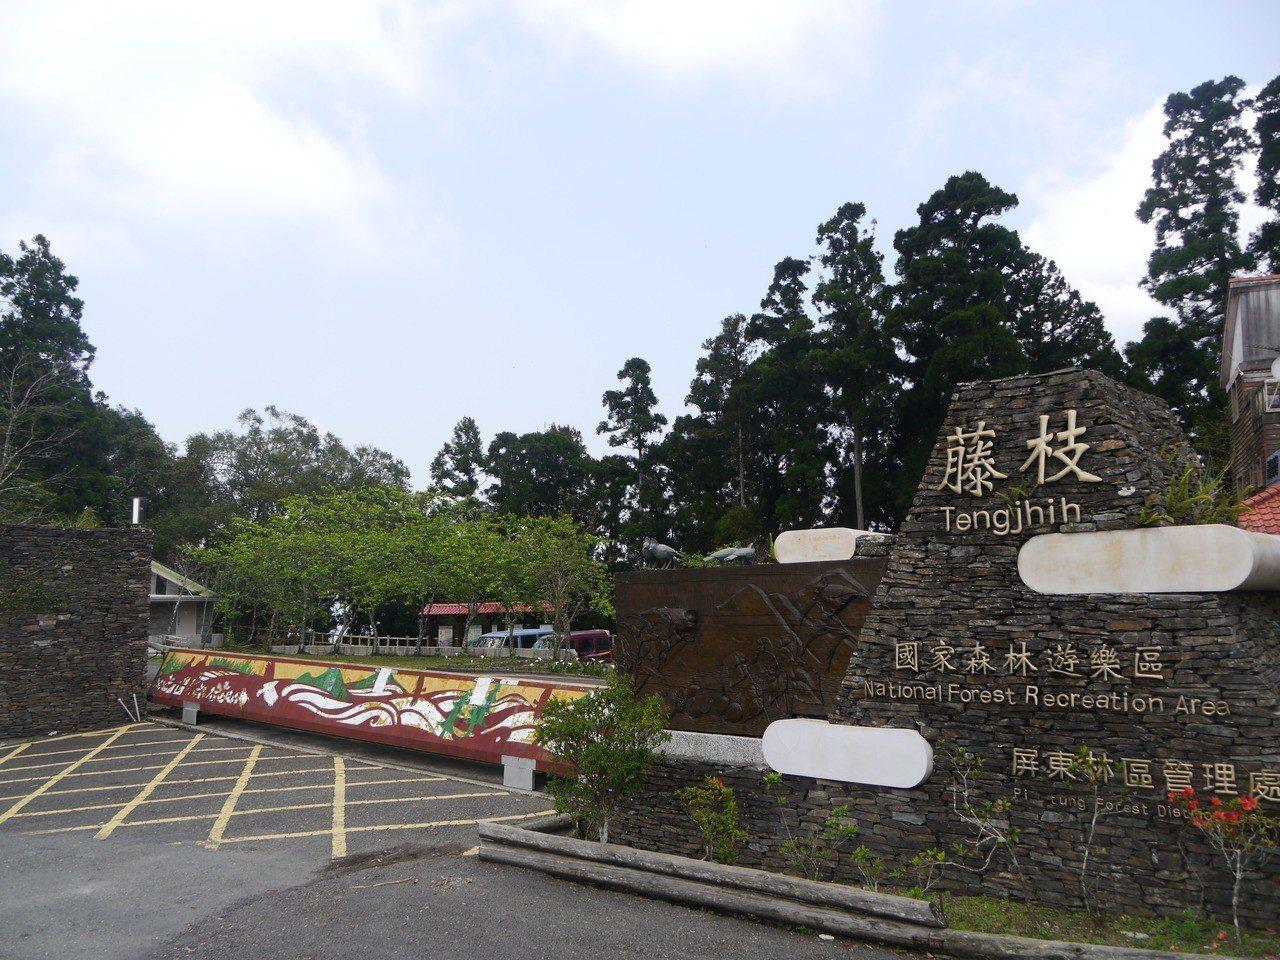 受八八風災影響,藤枝森林遊樂區封園,大門深鎖多年。記者徐白櫻/攝影